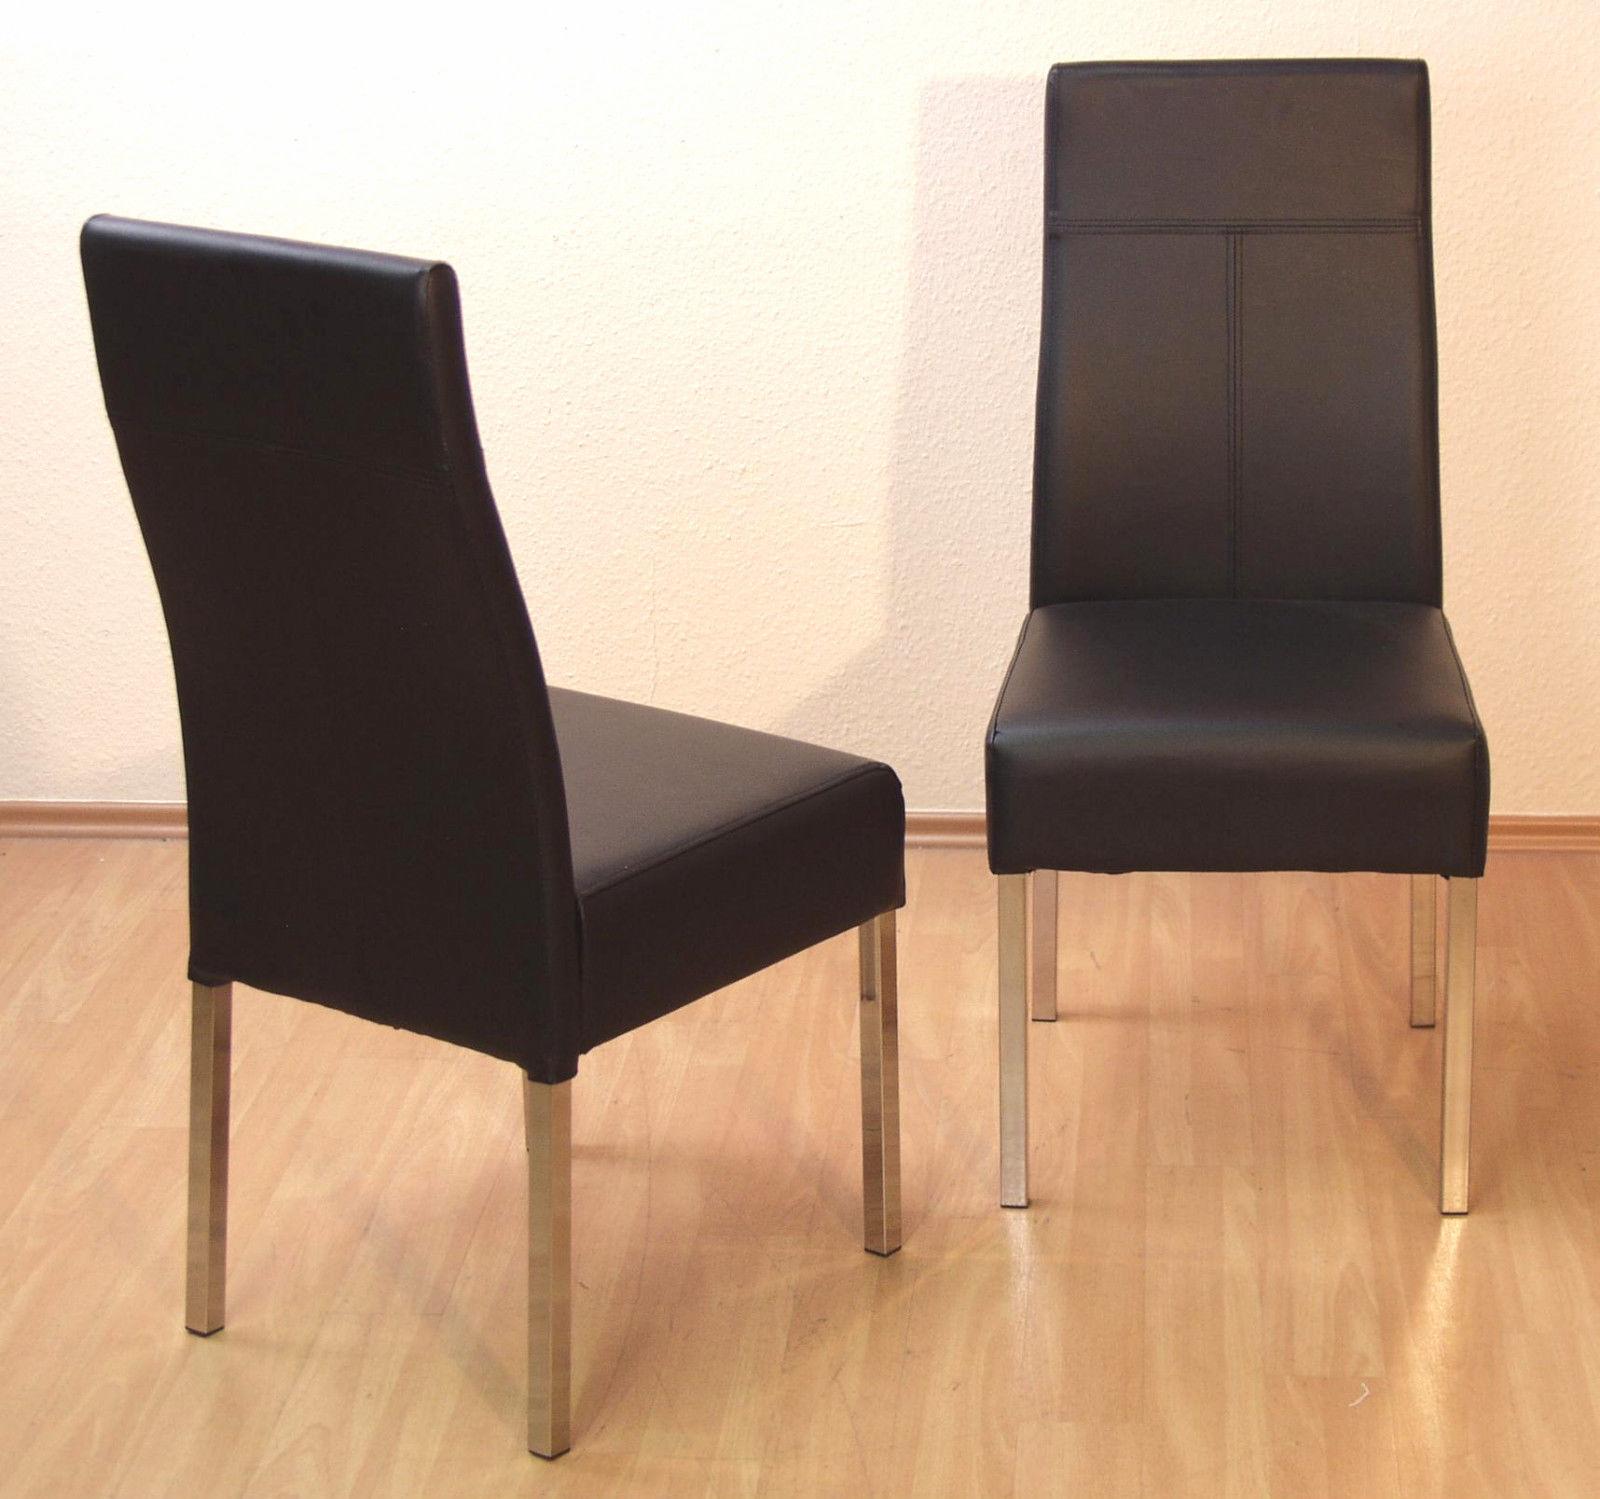 Brilliant Stühle Modern Beste Wahl 2 X Esszimmerstuhl Stühle Stuhl Stuhlset Set